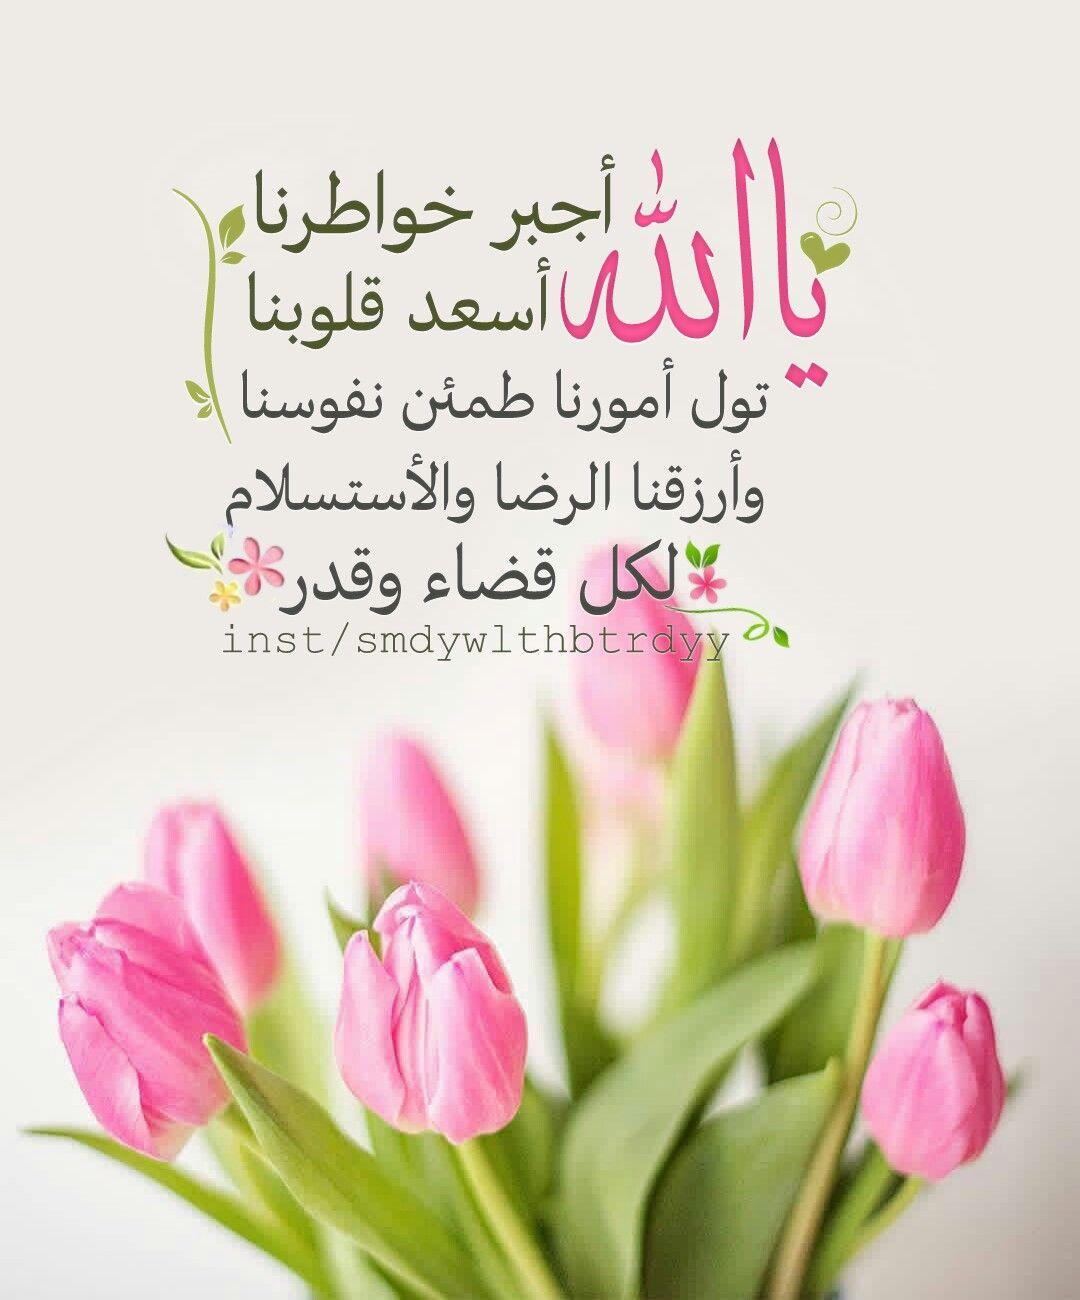 يا الله اجبر خواطرنا أسعد قلوبنا تولا أمورنا طمئن نفوسنا ارزقنا الرضا والأستسلام بالقضاء والقدر Islamic Pictures Quran Quotes Friday Messages